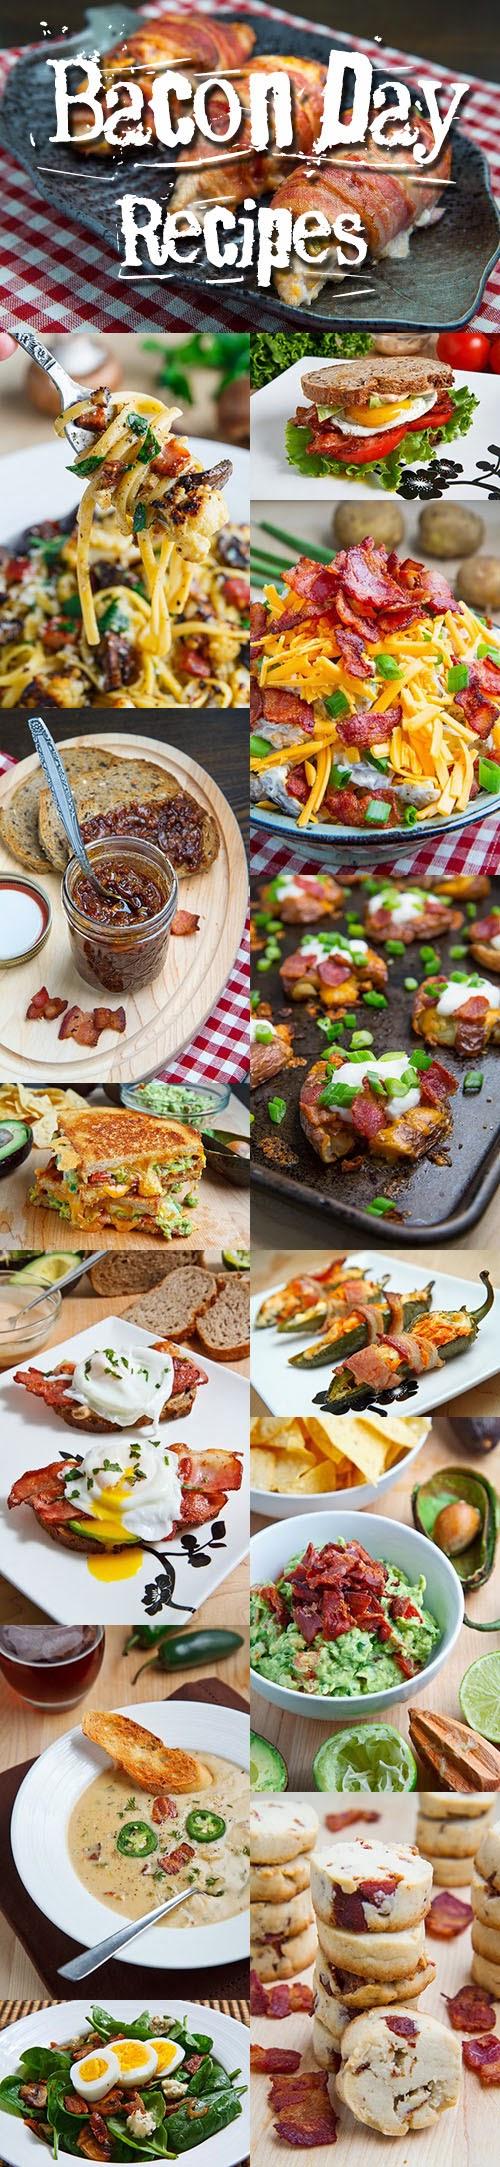 Bacon Day Recipes